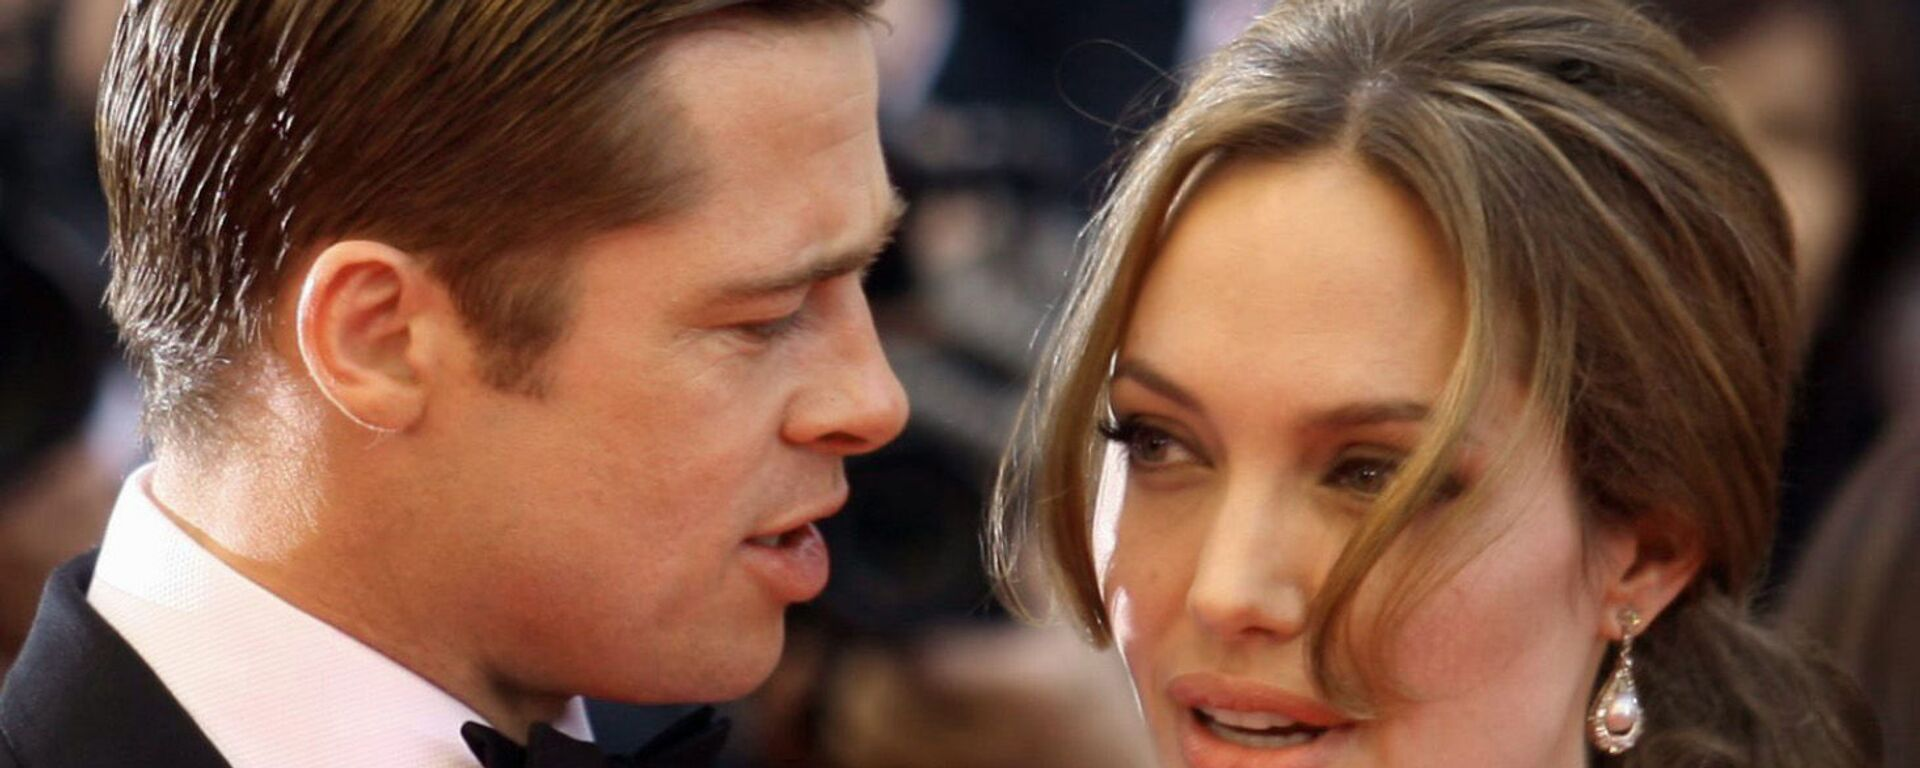 Актеры Анджелина Джоли и Бред Питт на красной дорожке Каннского кинофестиваля - Sputnik Таджикистан, 1920, 27.05.2021